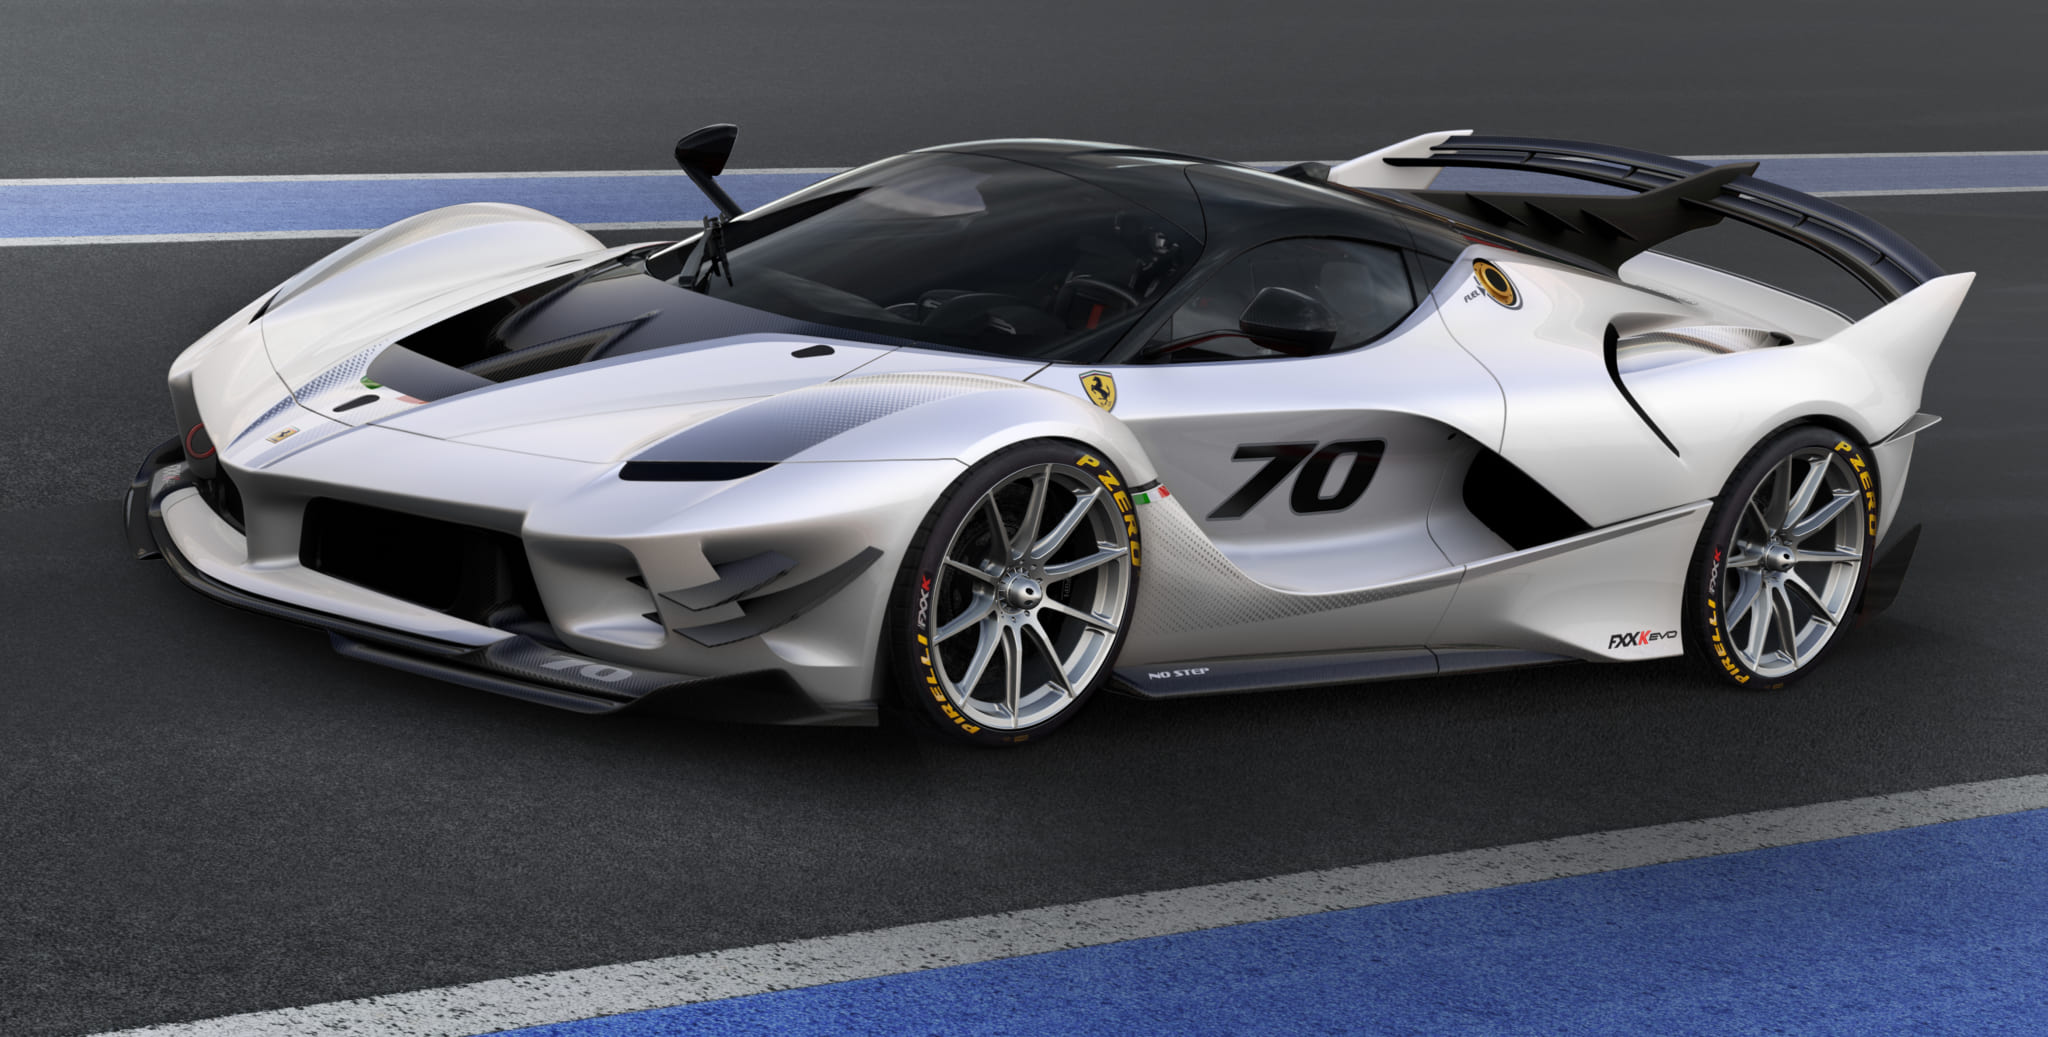 フェラーリ FXX K エボ